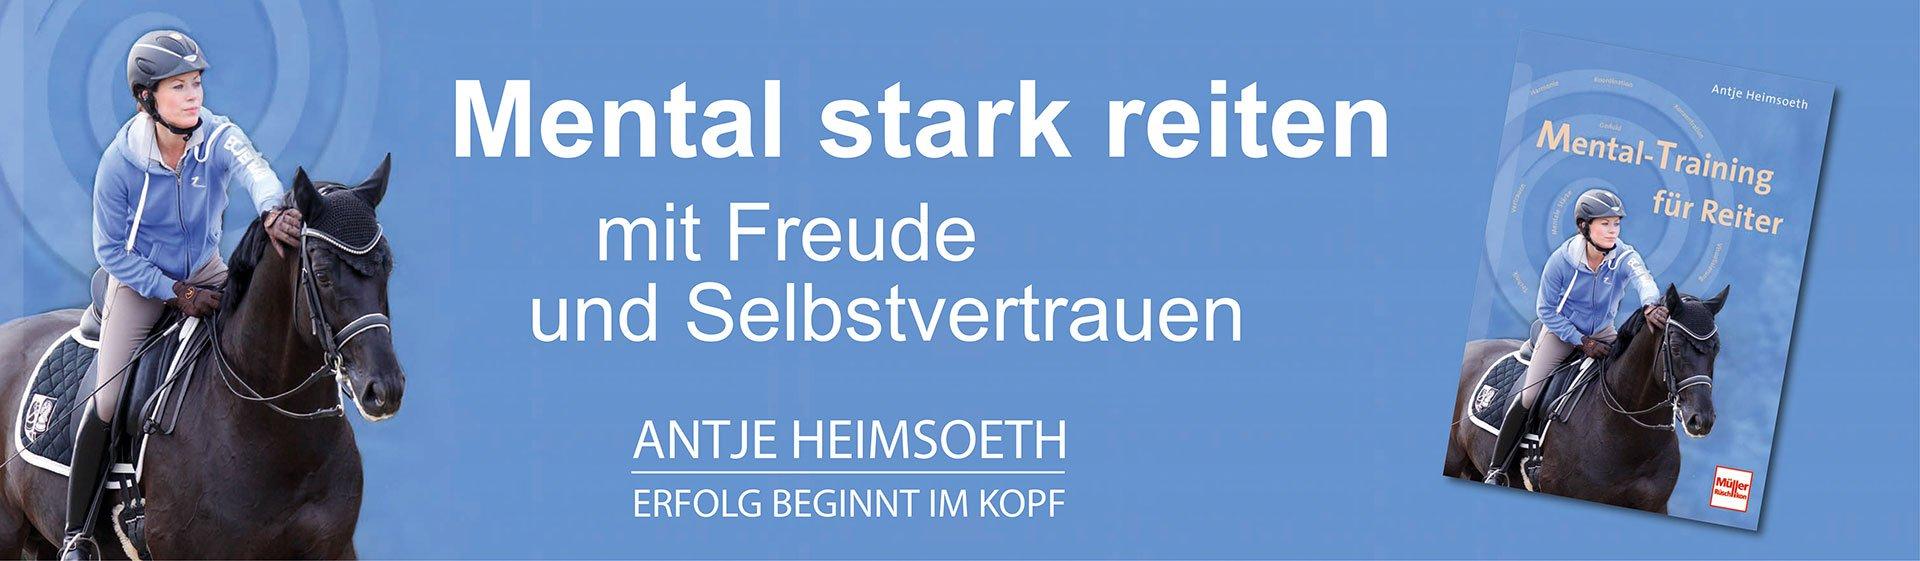 Online Kurs Reiten im Kopf® - Mentaltraining für Reiter & Trainer Antje Heimsoeth